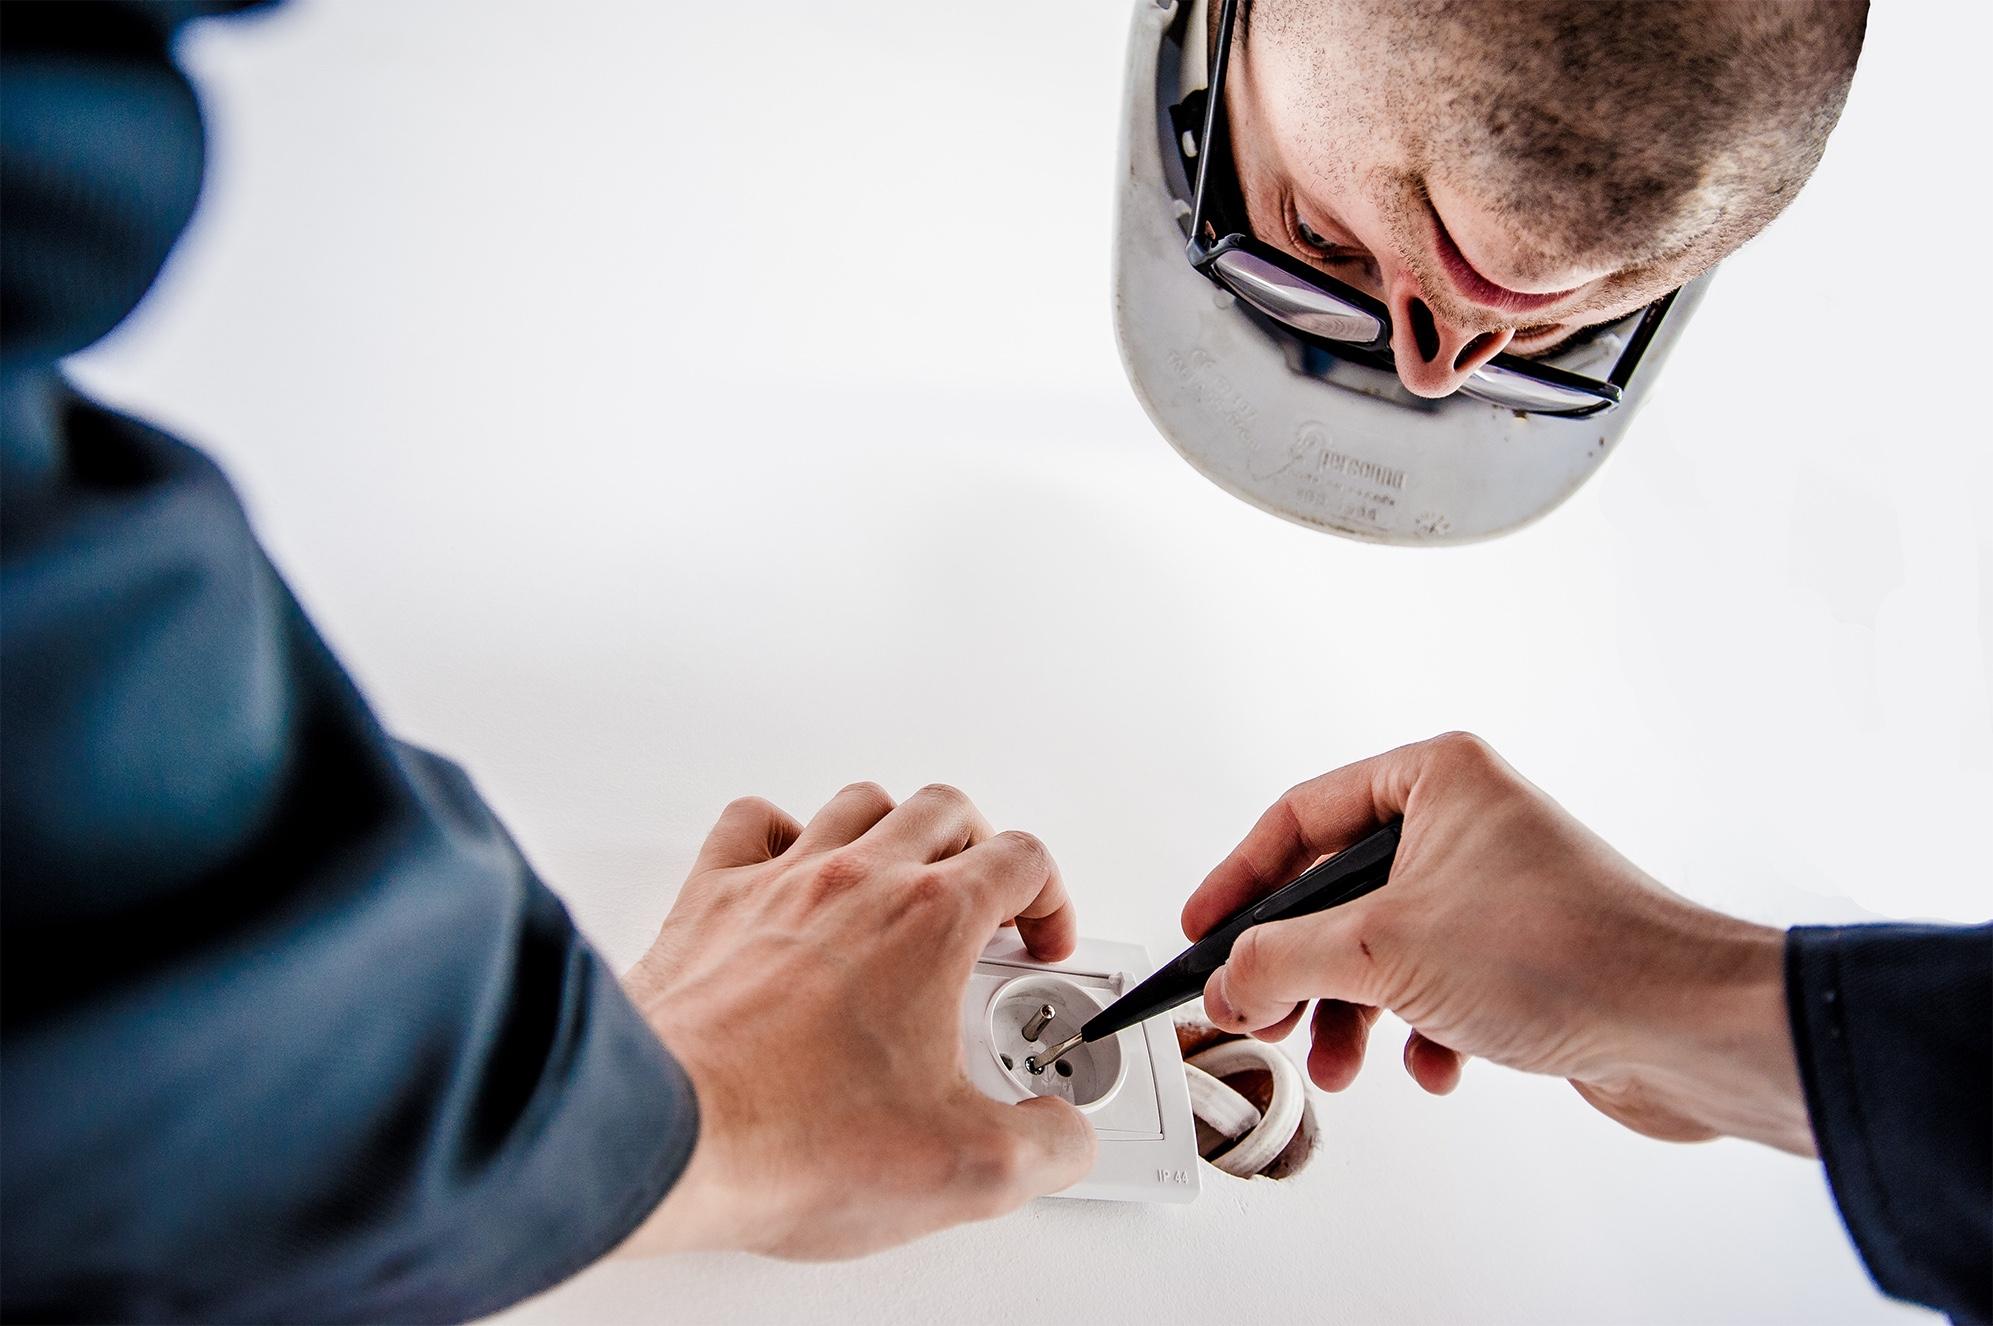 Photo couleur illsustrative d'un homme en train de faire des travaux d'électricité pour illustrer la préparation des travaux et maîtrise d'oeuvre par TB'Home Architecteurs